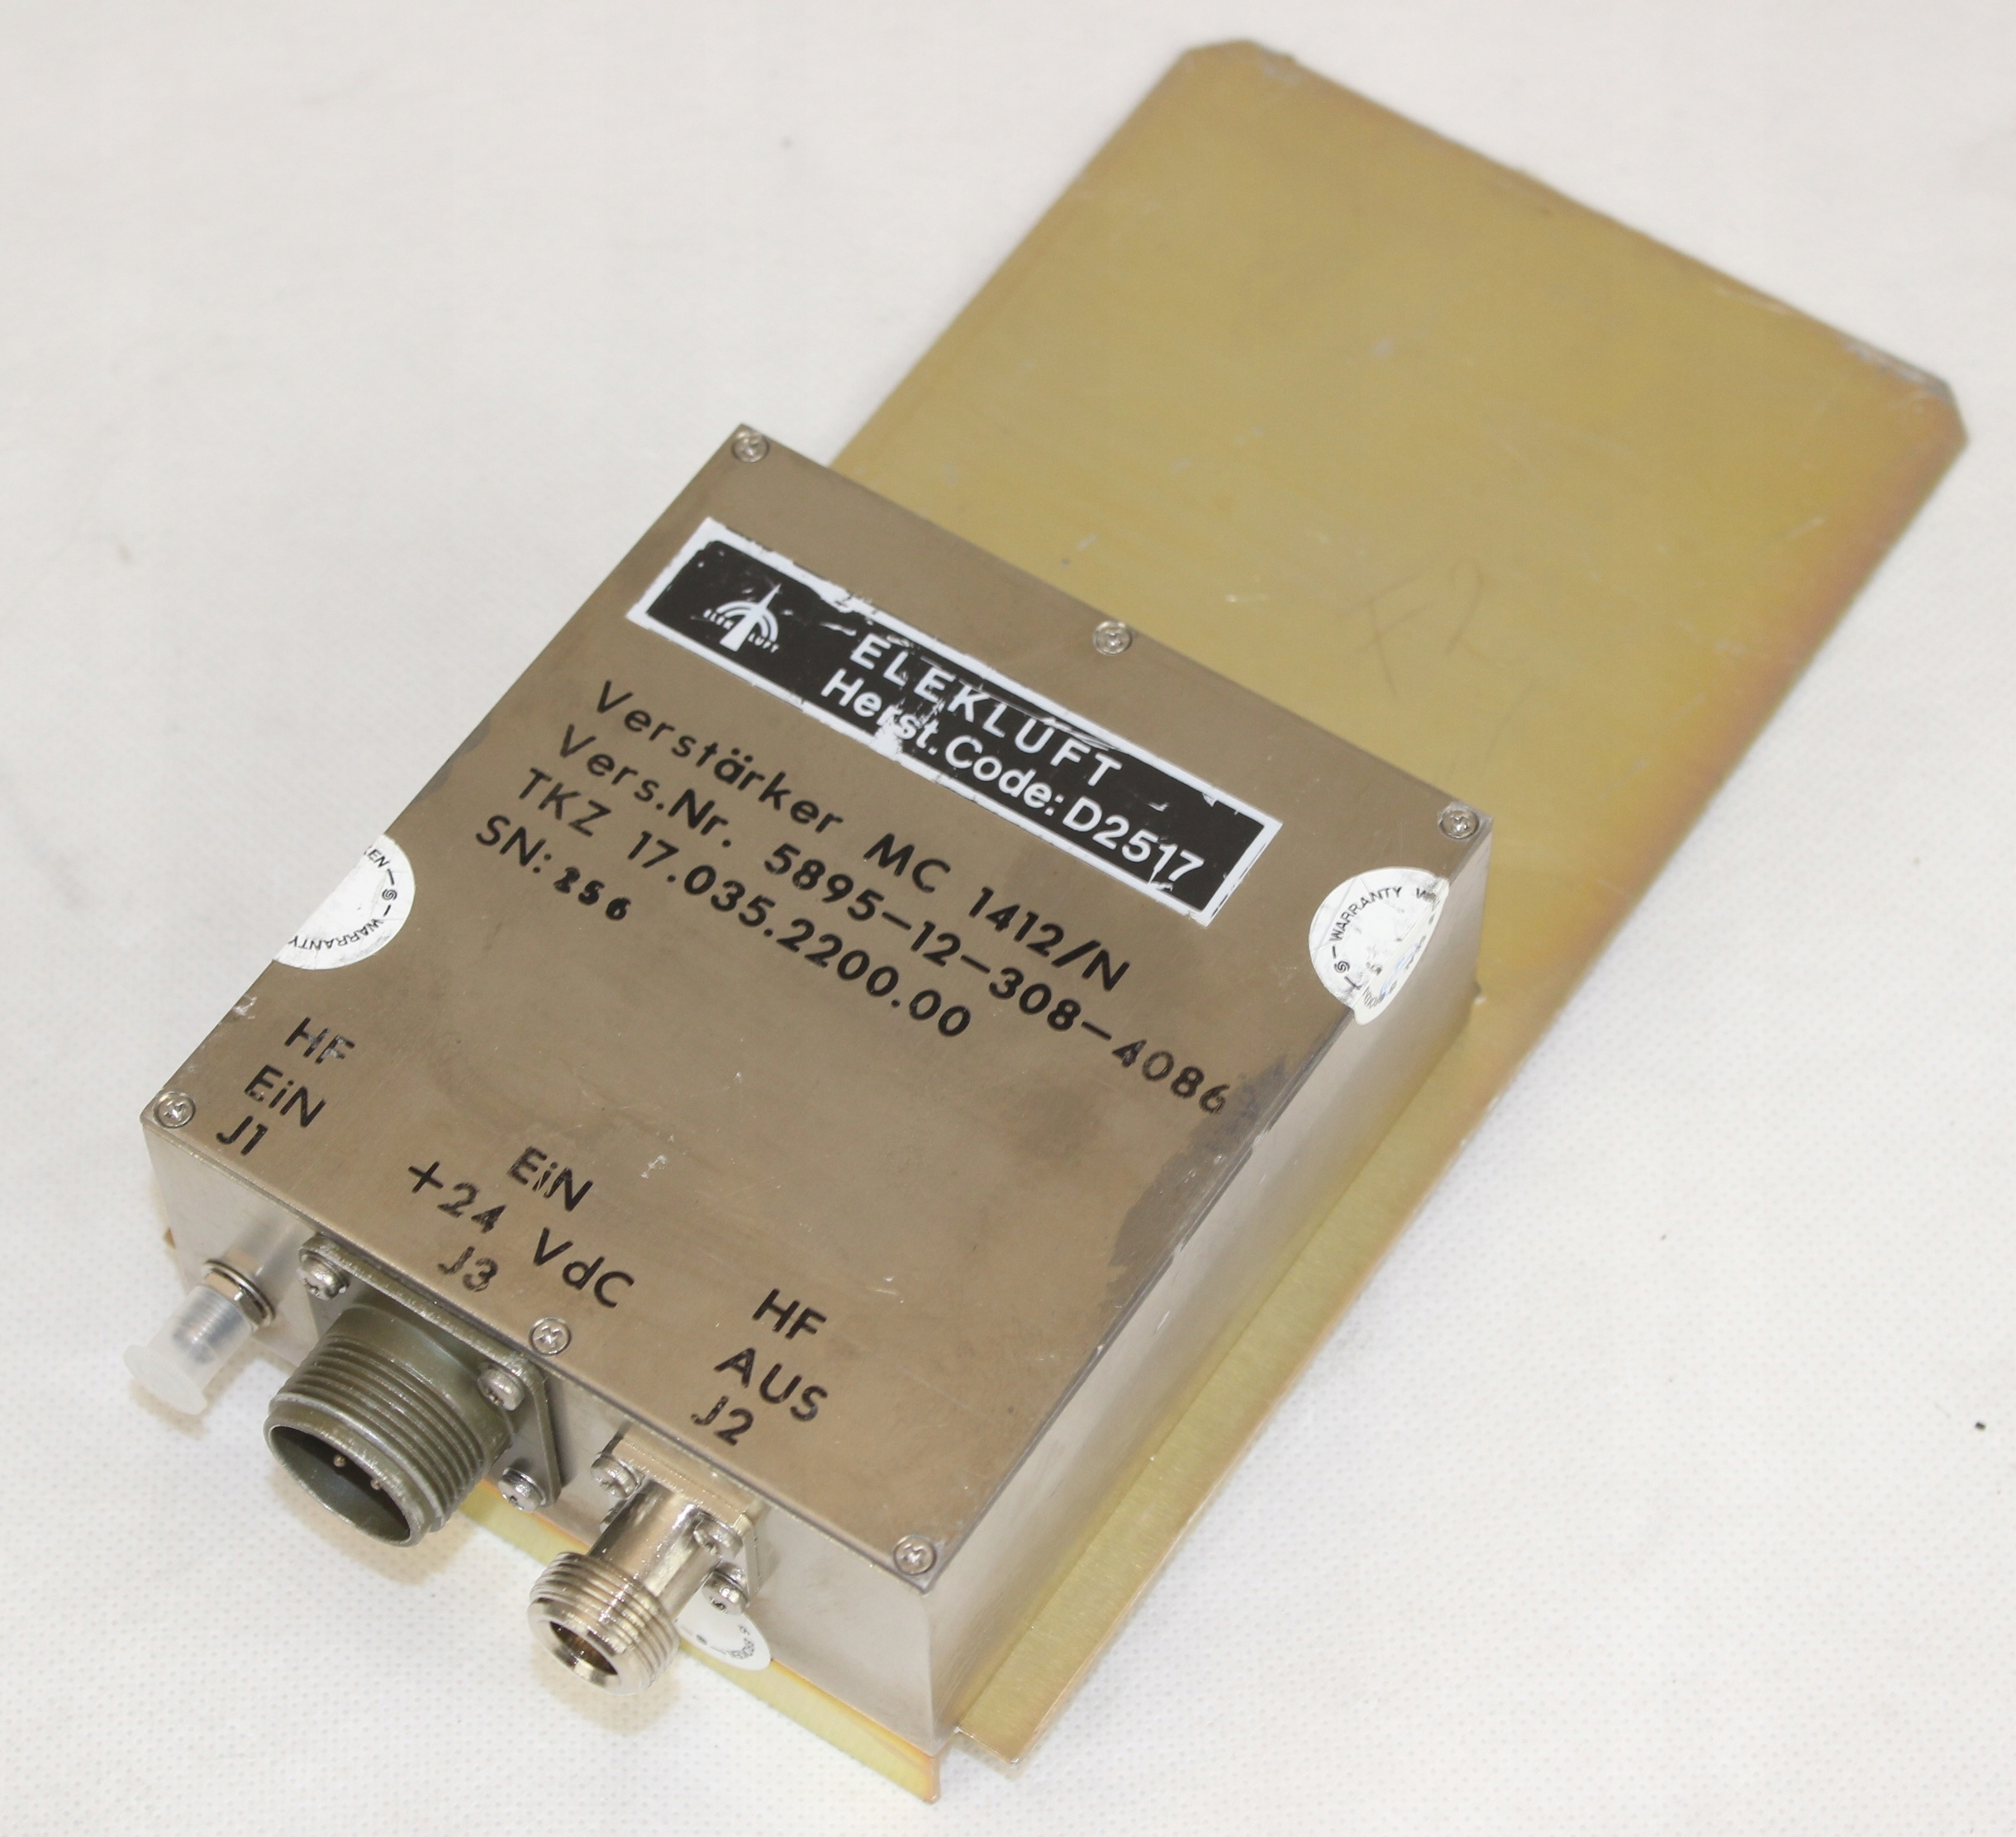 Wzmacniacz szerokopasmowy Elekluft D2517/MC1412/N